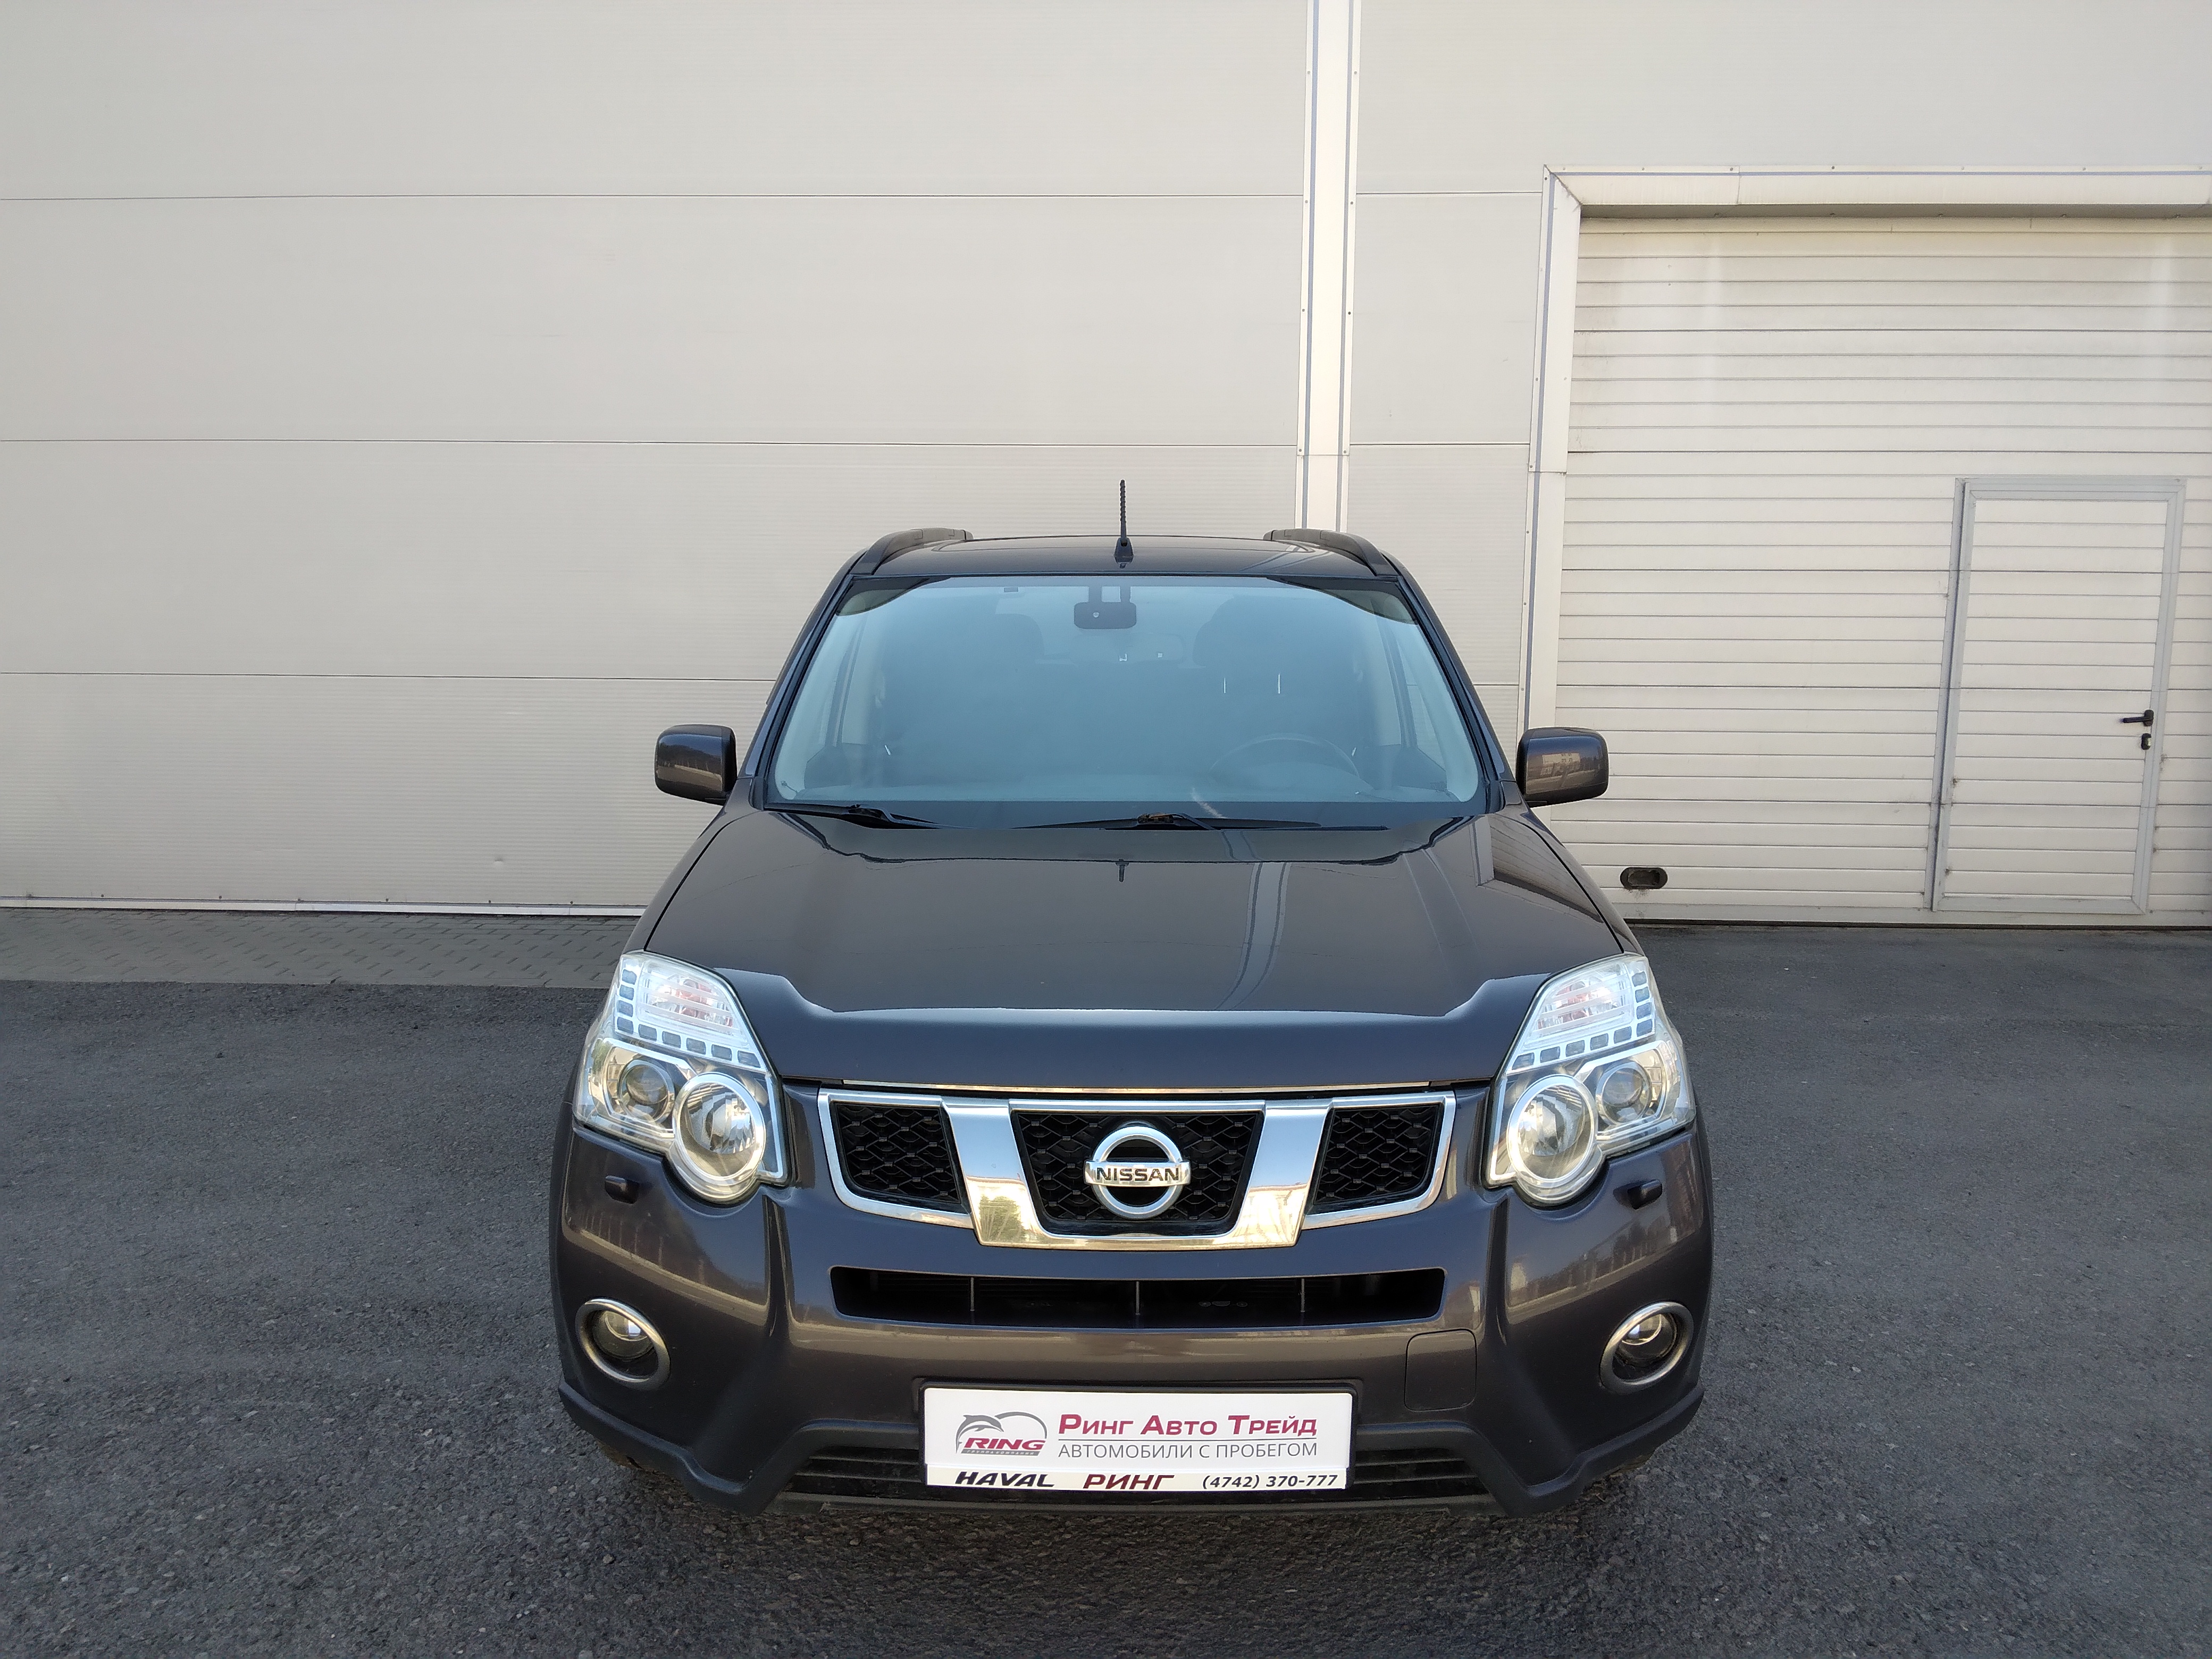 Nissan X-Trail Внедорожник (2011г.)